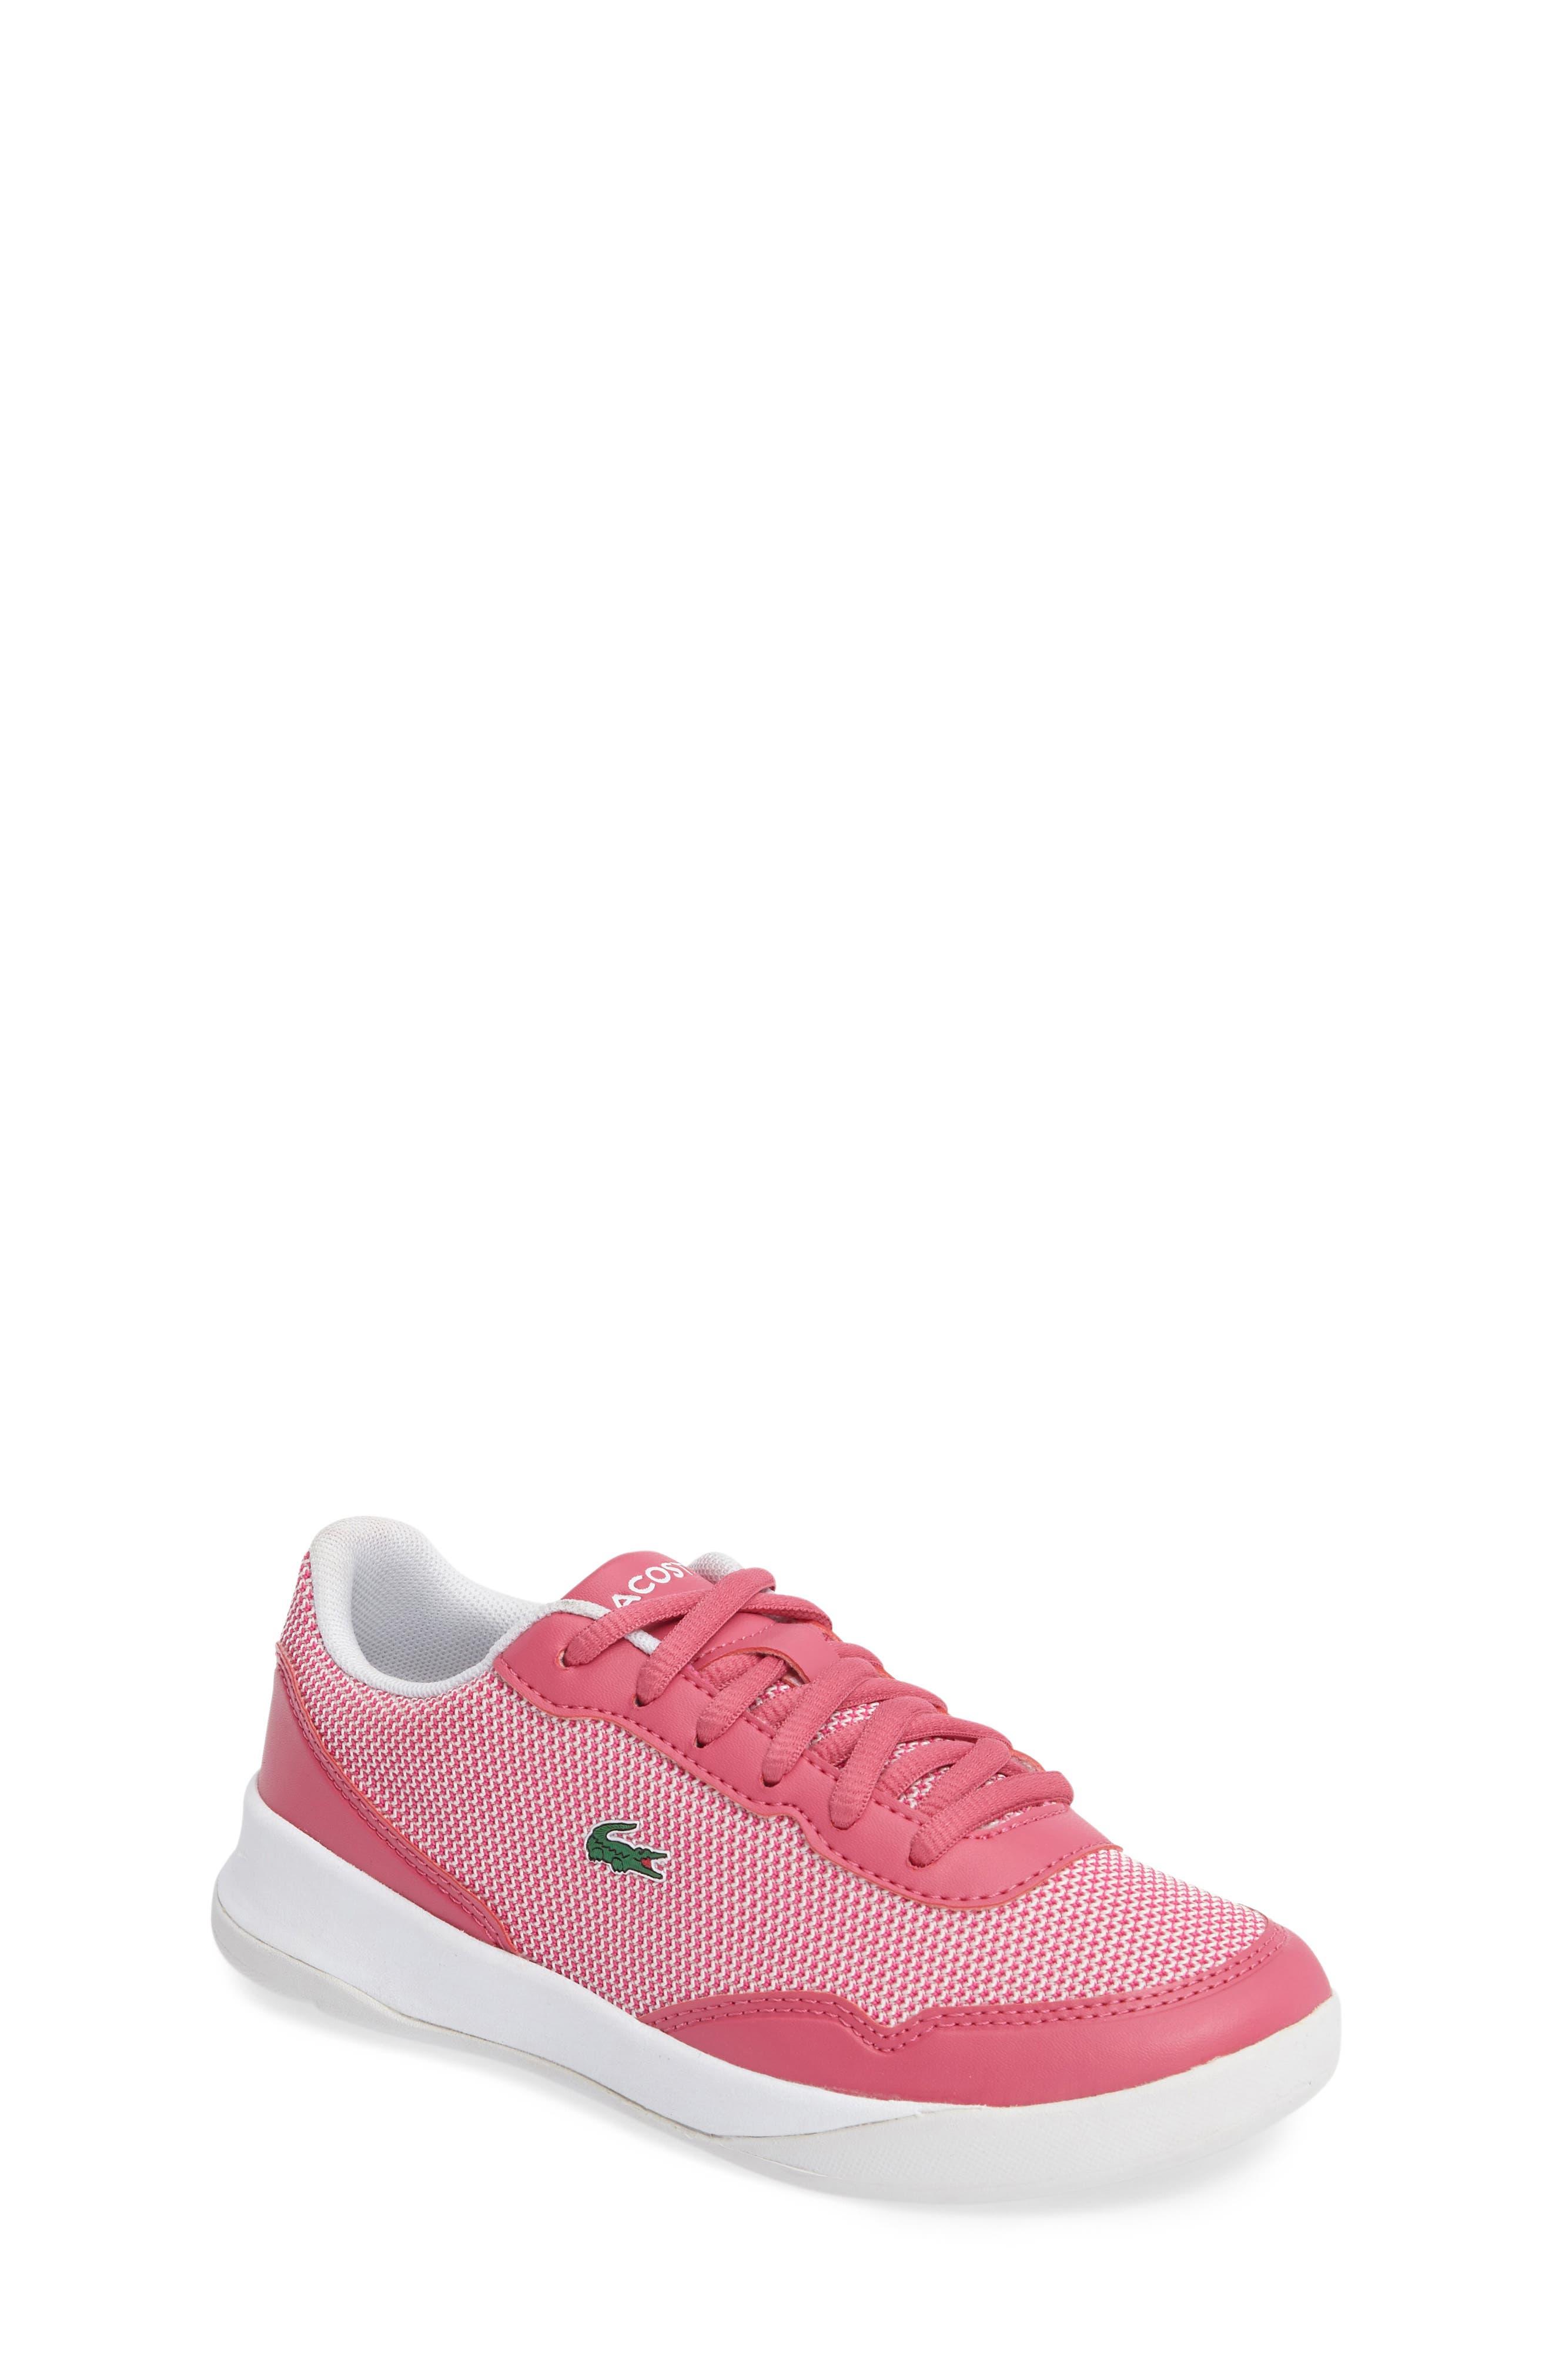 LT Spirit Woven Sneaker,                         Main,                         color, Pink/ White